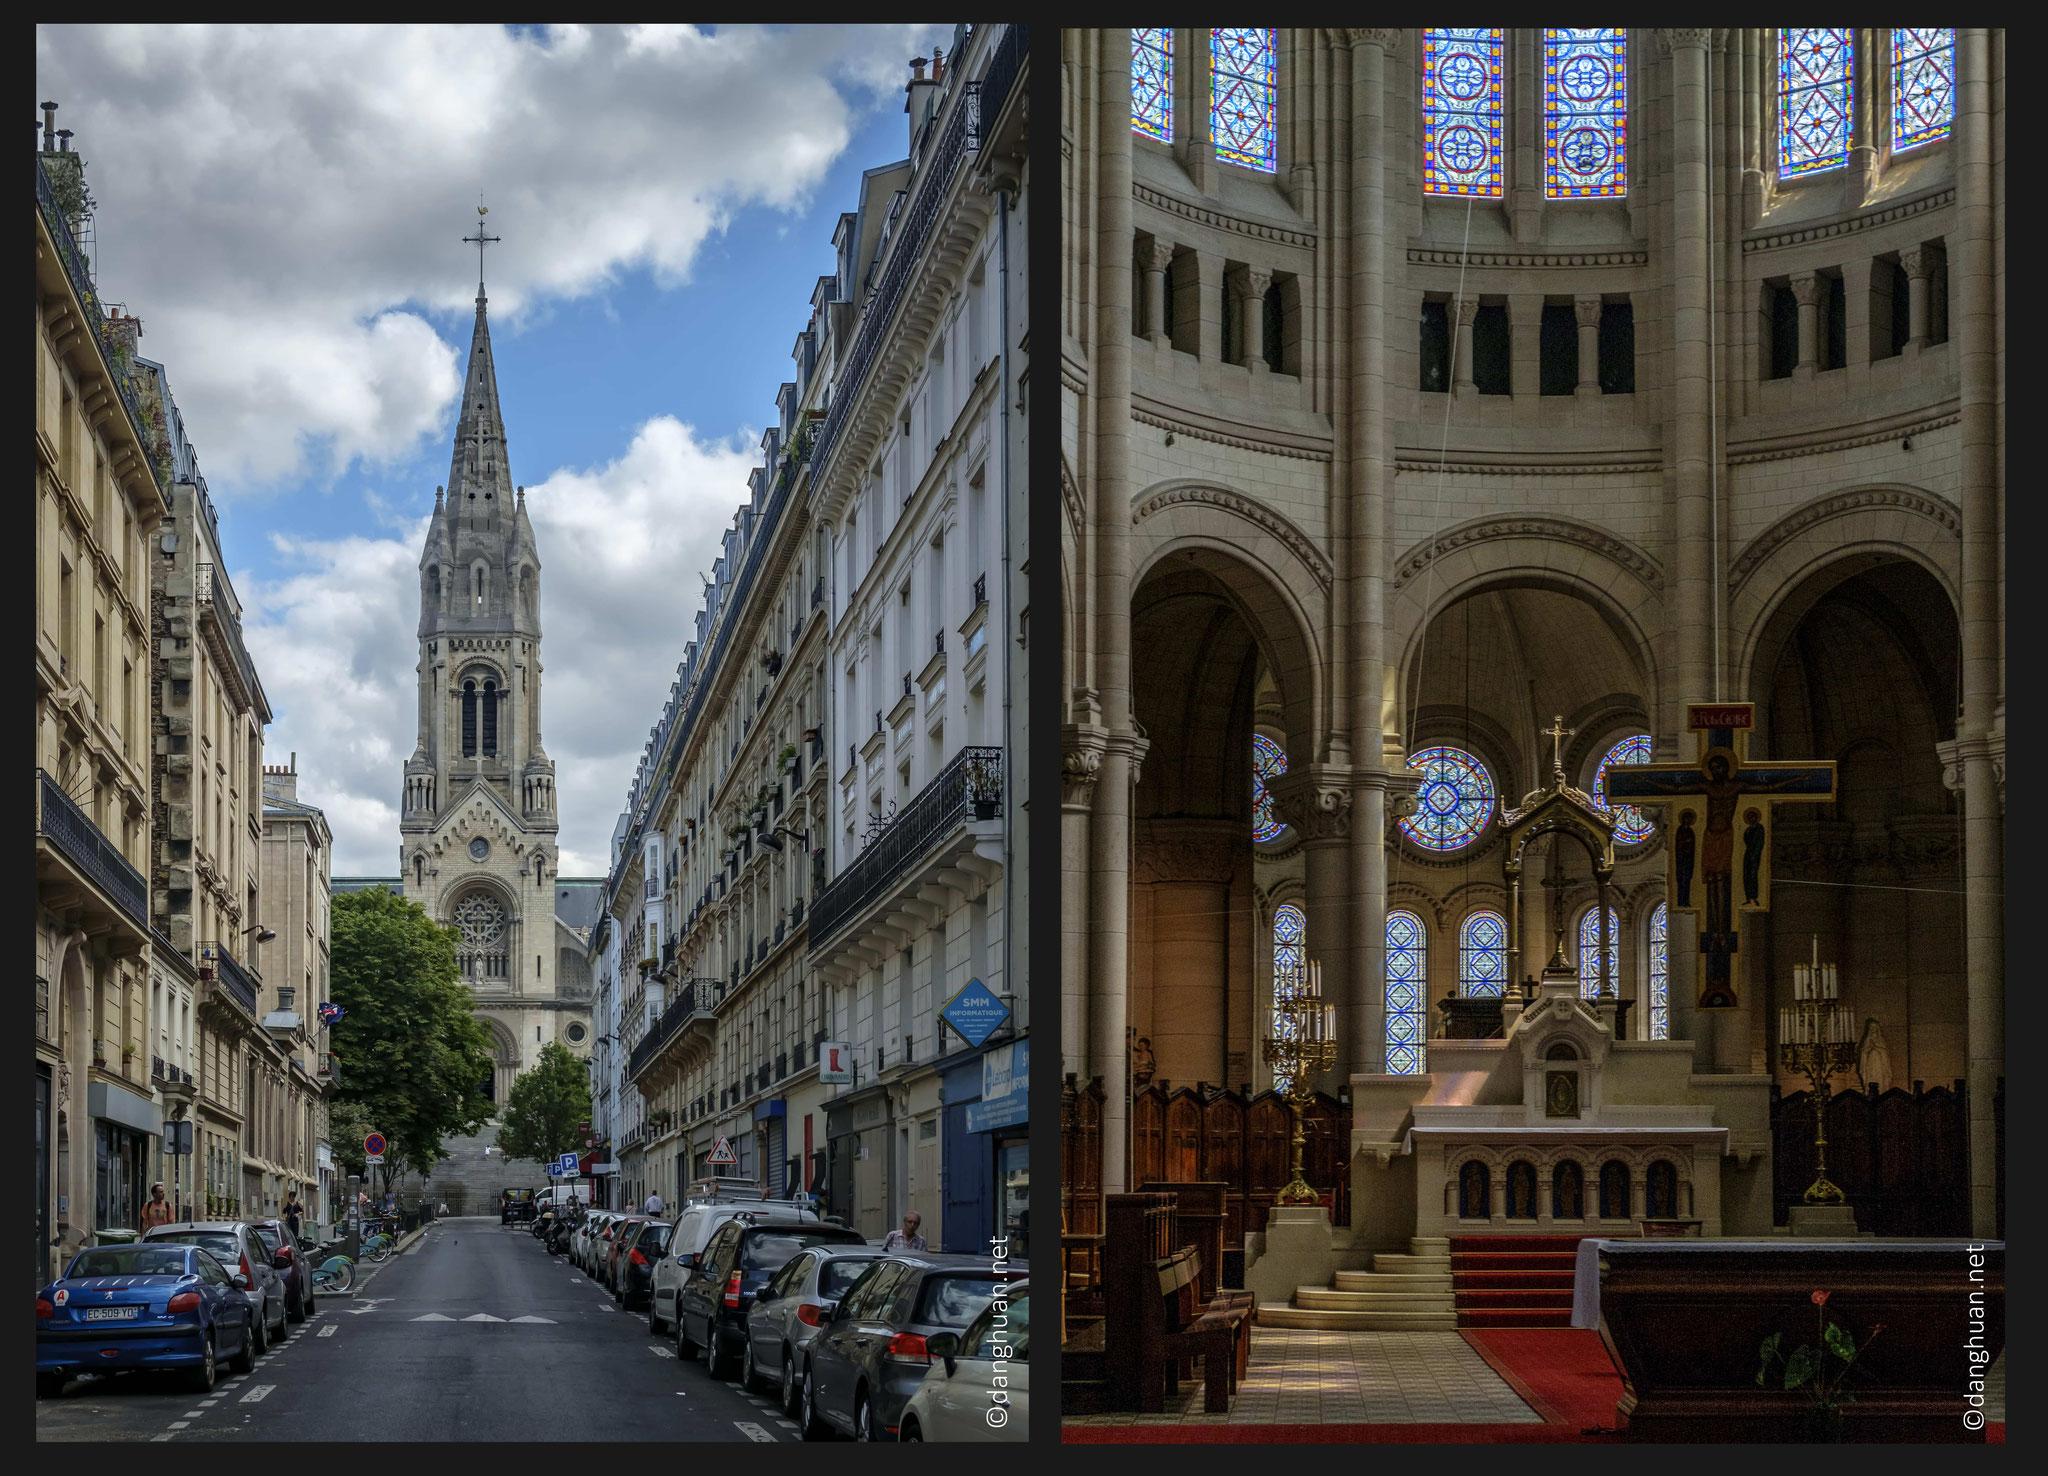 Eglise Notre Dame de la Croix - Située sur une pente (rue Ménilmontant), elle a nécessité la construction d'un perron de 54 marches